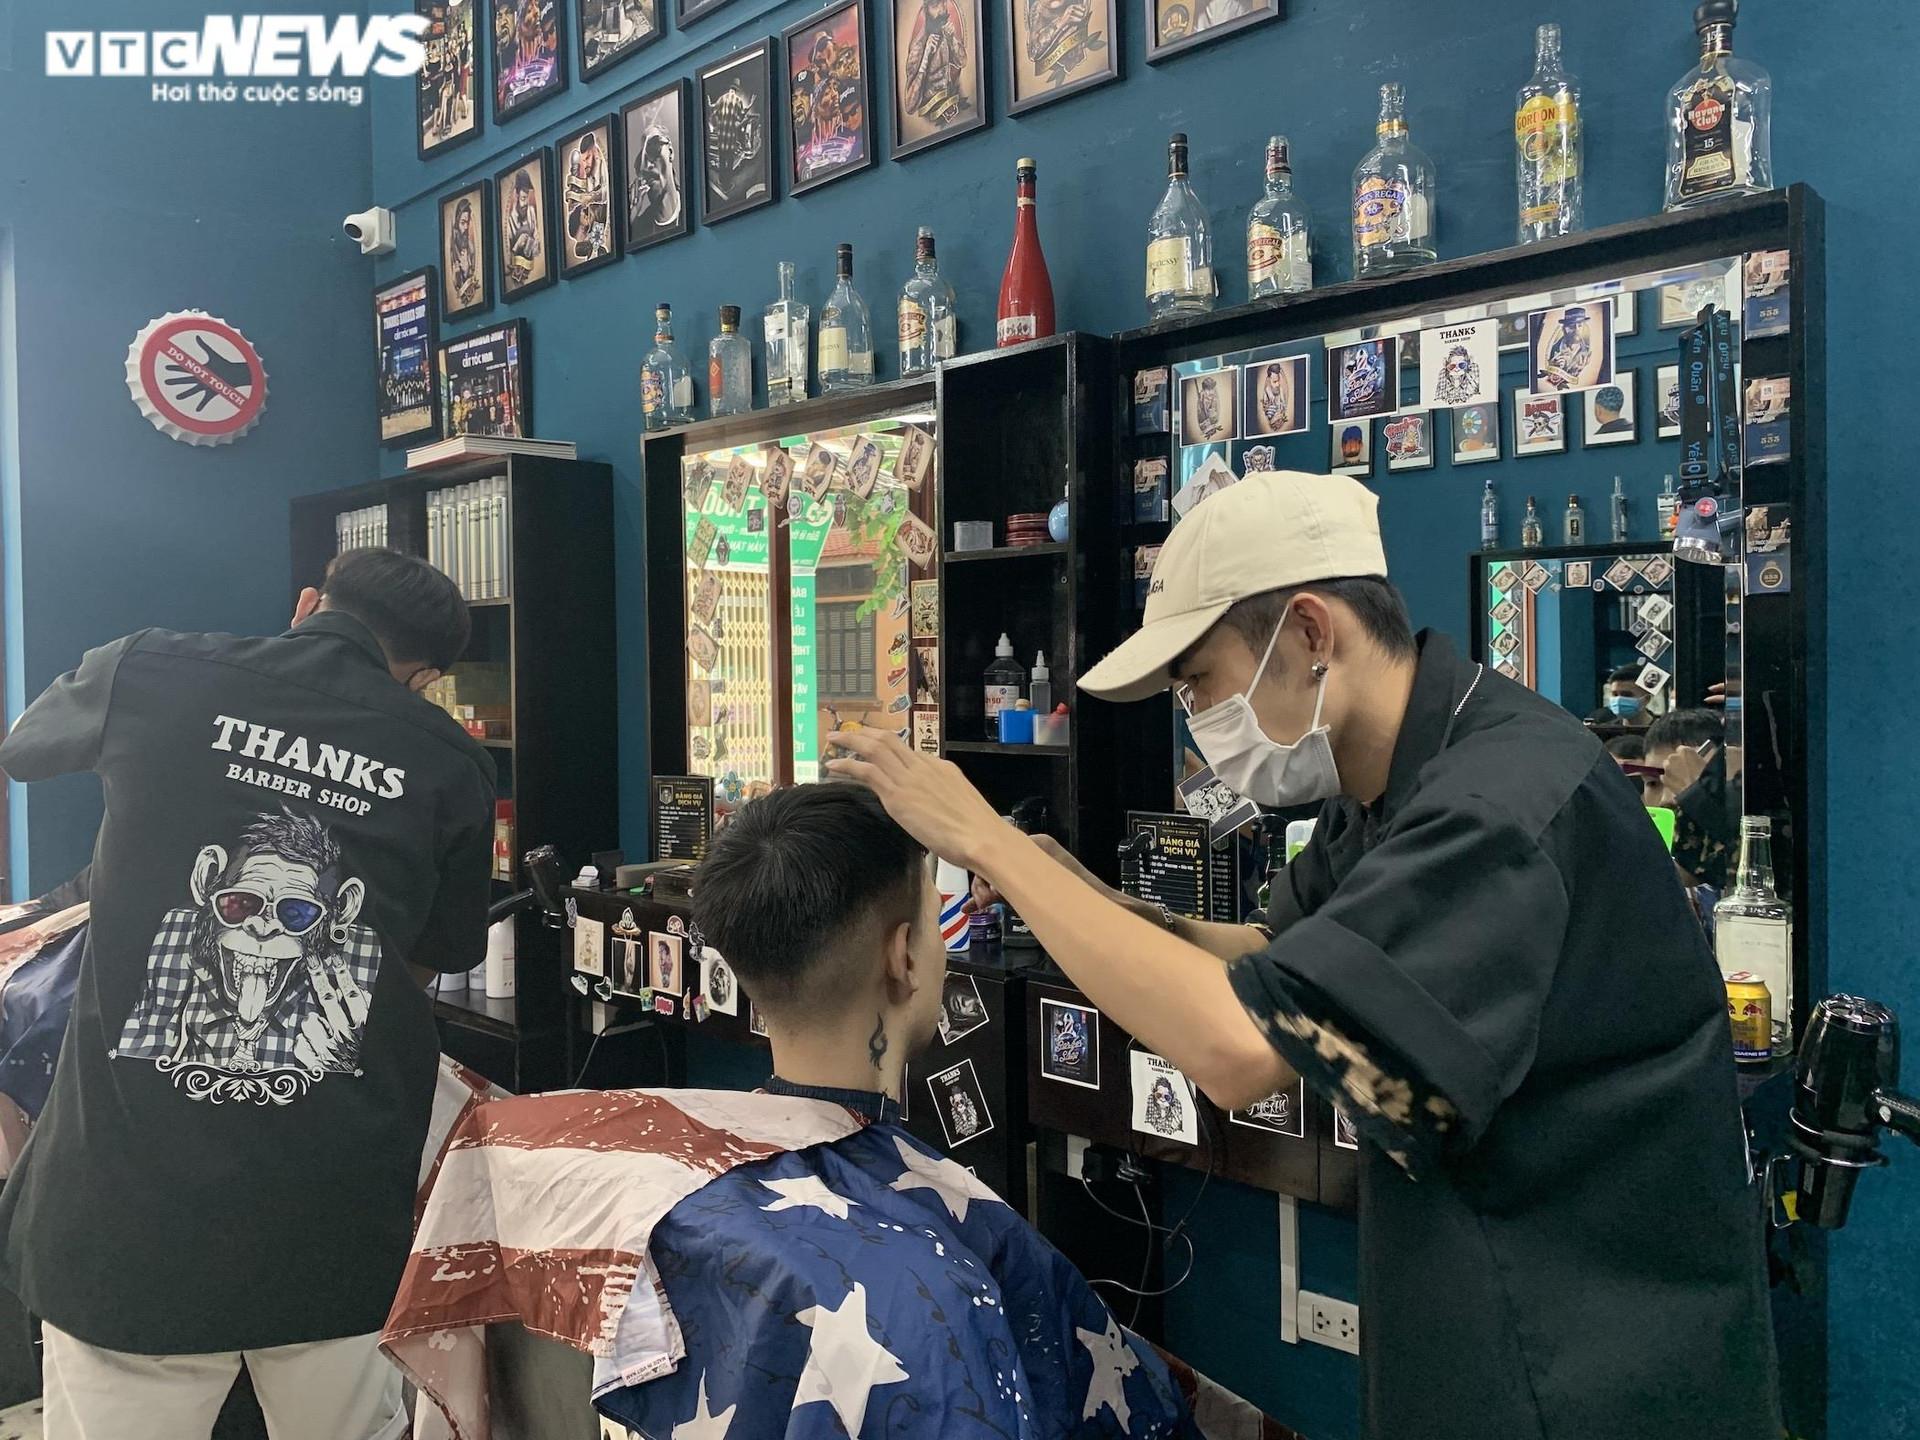 Hà Nội ngày đầu nới lỏng, thợ cắt tóc làm không kịp nghỉ - 11